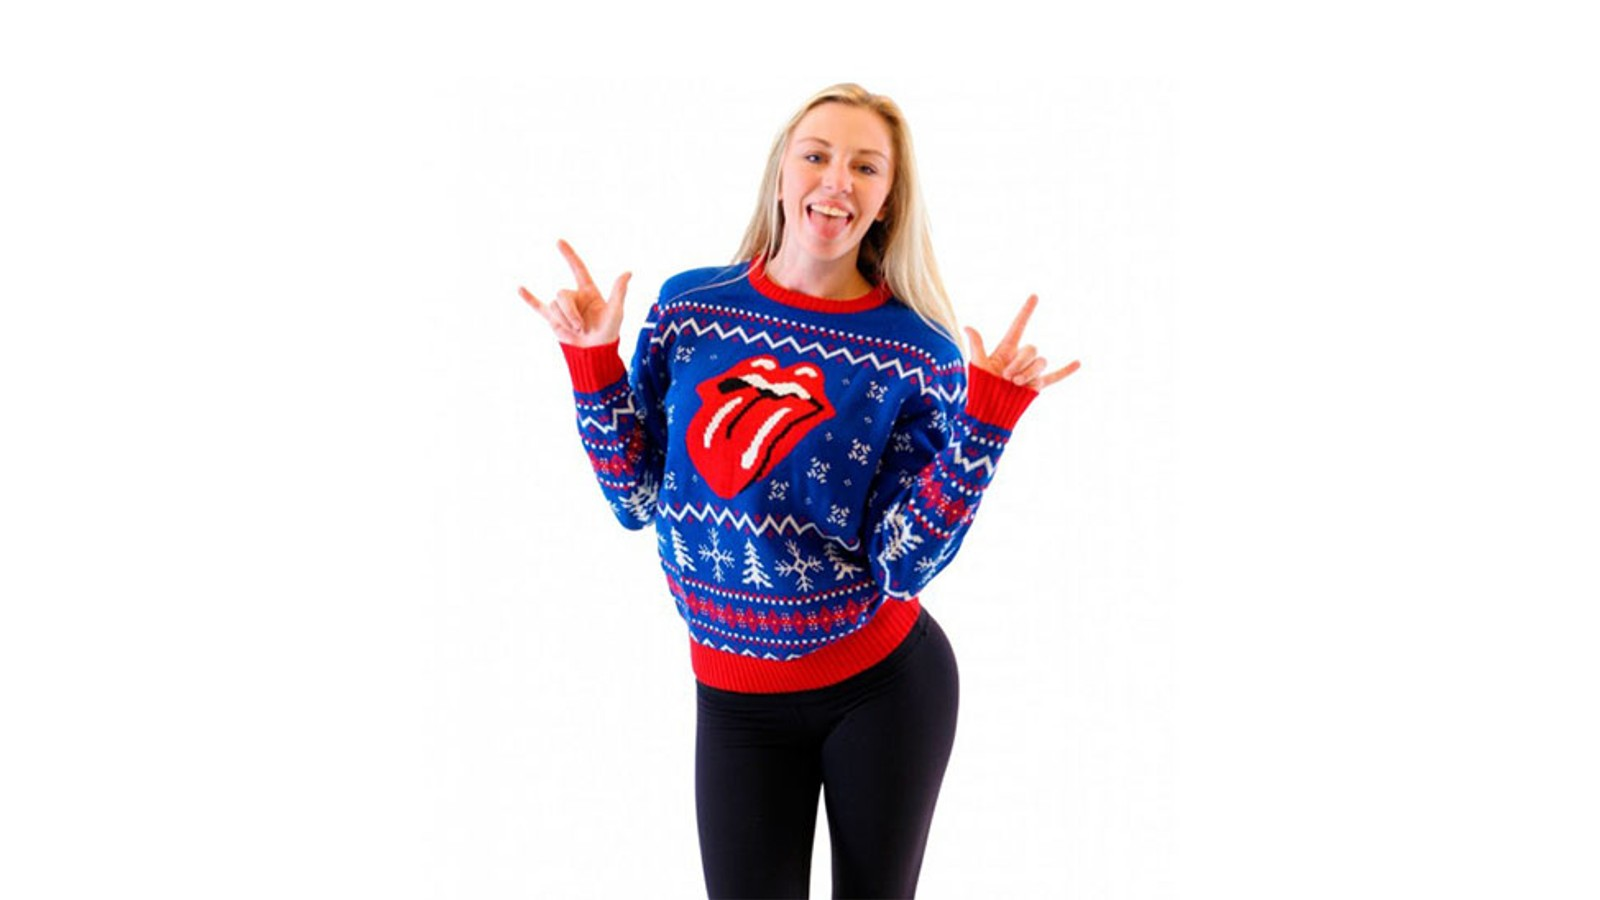 Den ikoniske logoen til The Rolling Stones er selvfølgelig på julegenseren deres også. Med denne er det ingen tvil om hvilket band som er din favoritt, i tillegg til at den skriker «jul» med snøkrystallene og juletrærne.